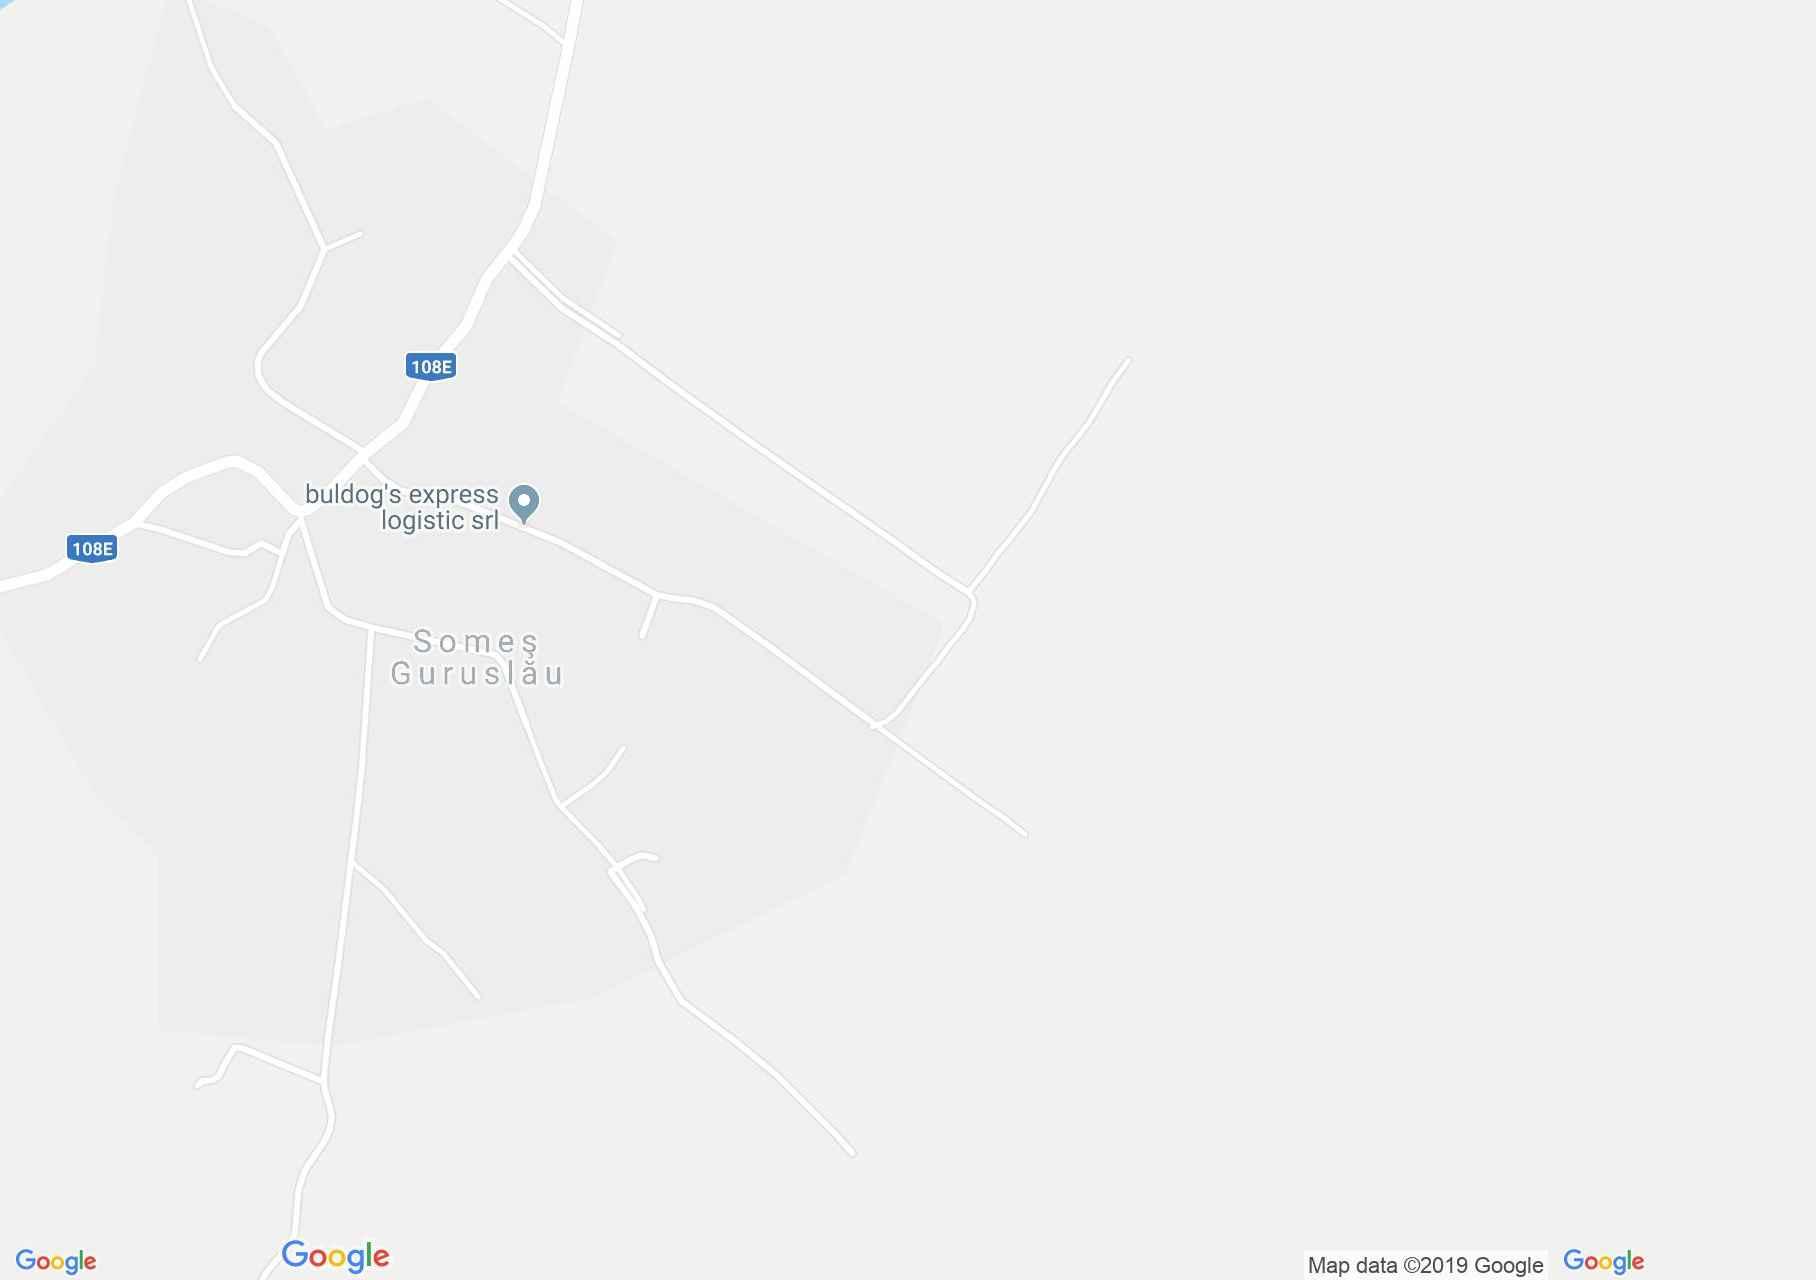 Hartă Someş-Guruslău: Arboretul de castan